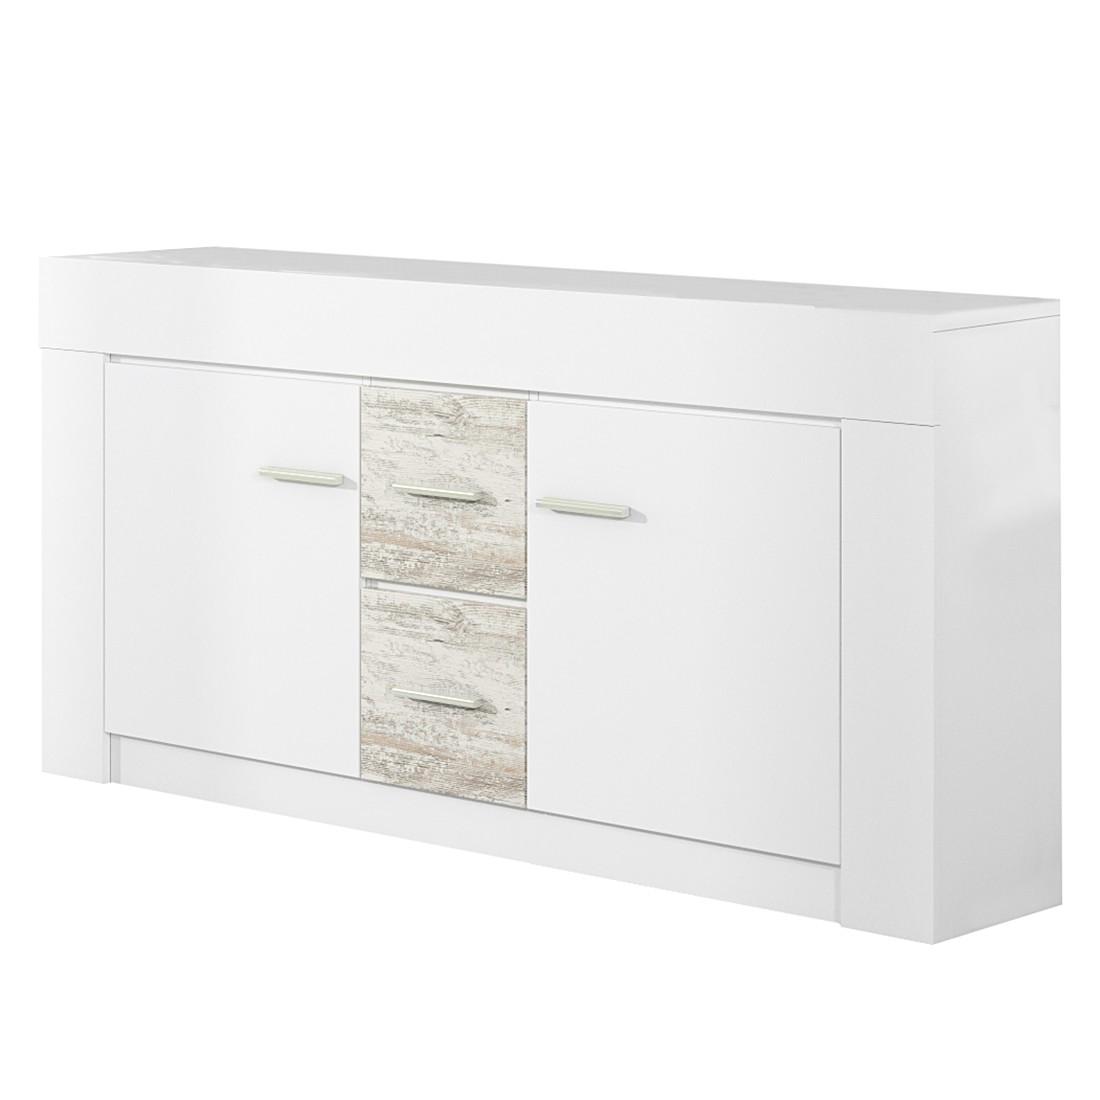 Sideboard Cast – Weiß/White Kiefer Dekor, Modoform jetzt kaufen